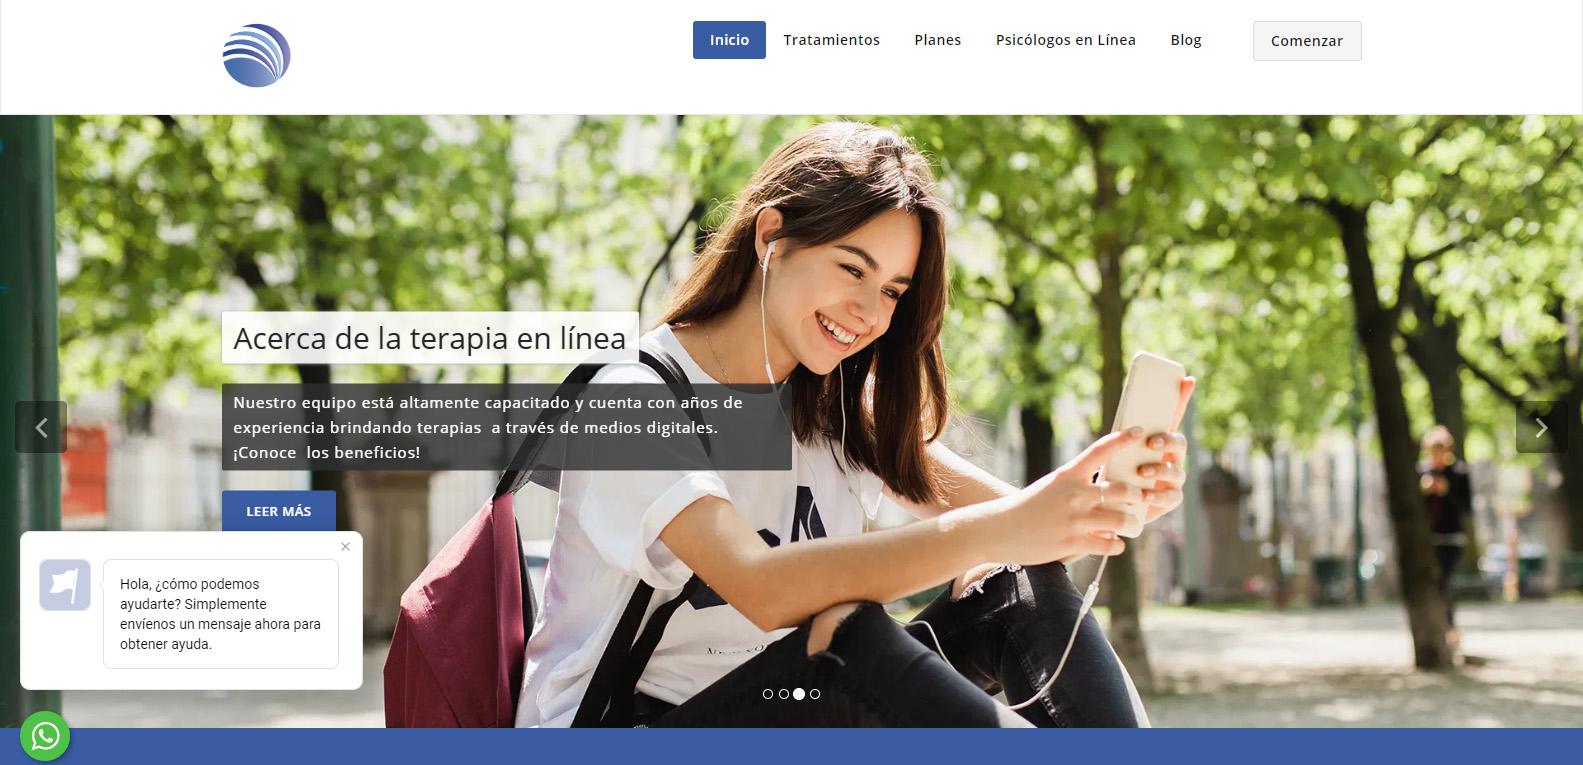 clientes de agencia de diseno web_0003_Capa 15